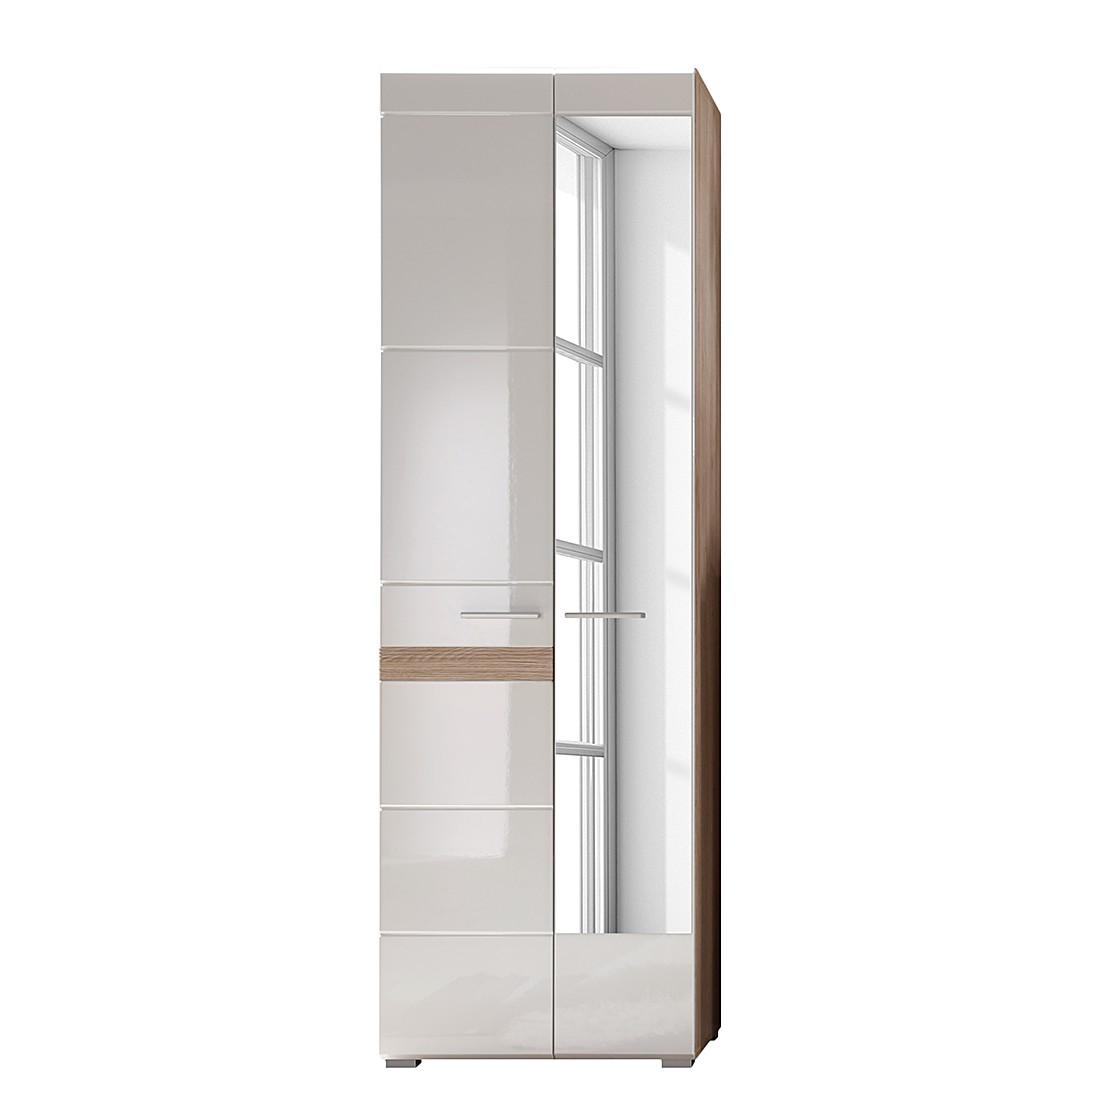 garderobenschrank baku hochglanz wei eiche sanremo dekor modoform online bestellen. Black Bedroom Furniture Sets. Home Design Ideas